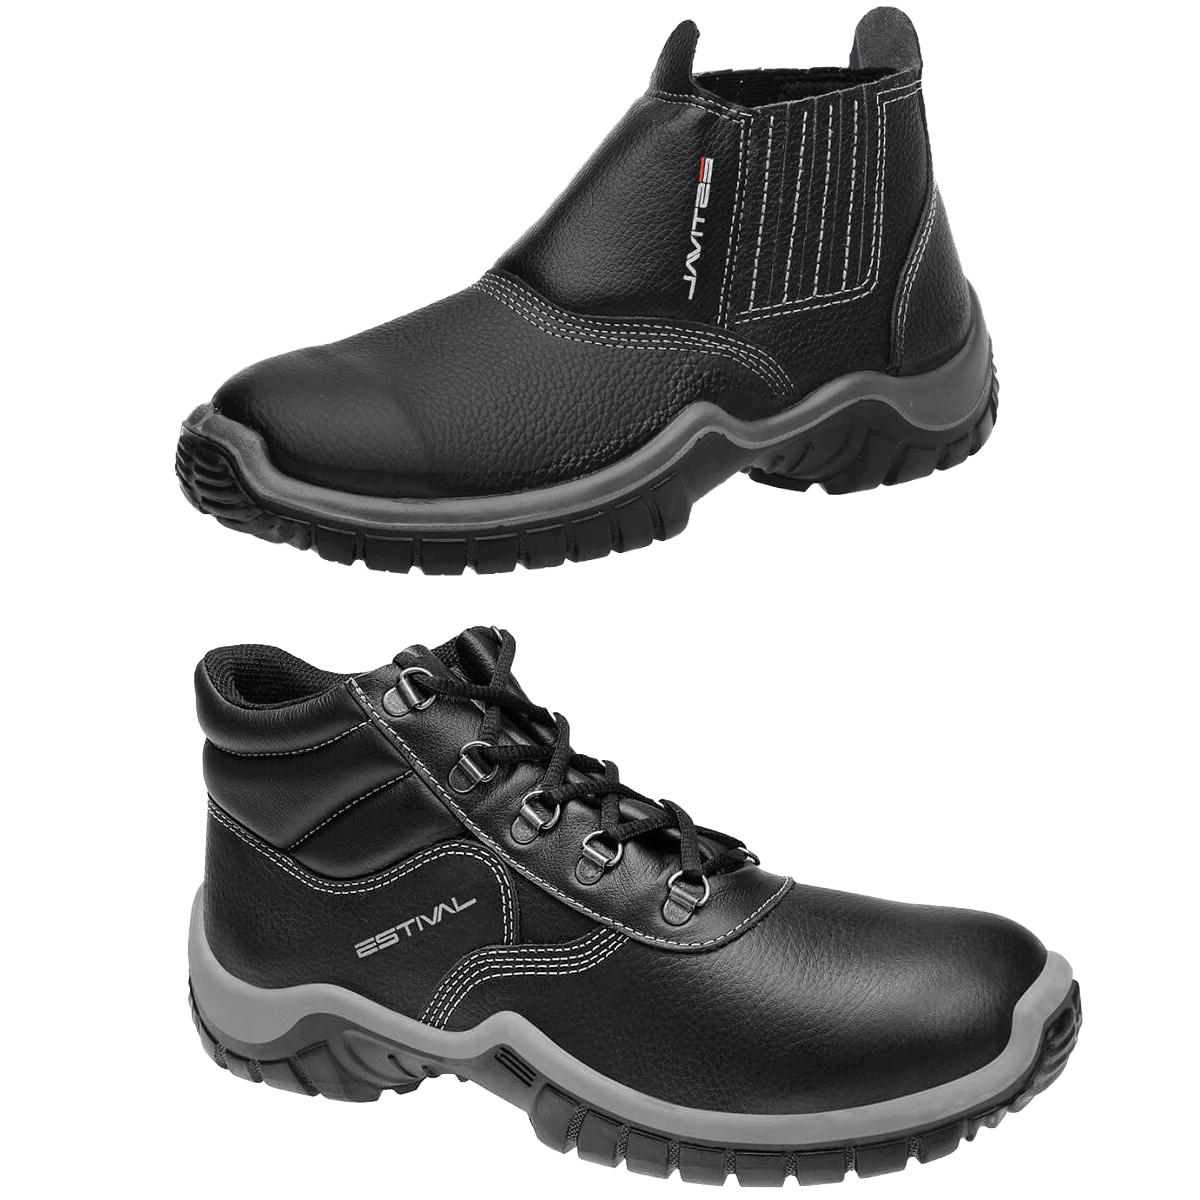 Kits Calçado de Segurança Preto - Estival Wo10011s1 + Wo10031s1